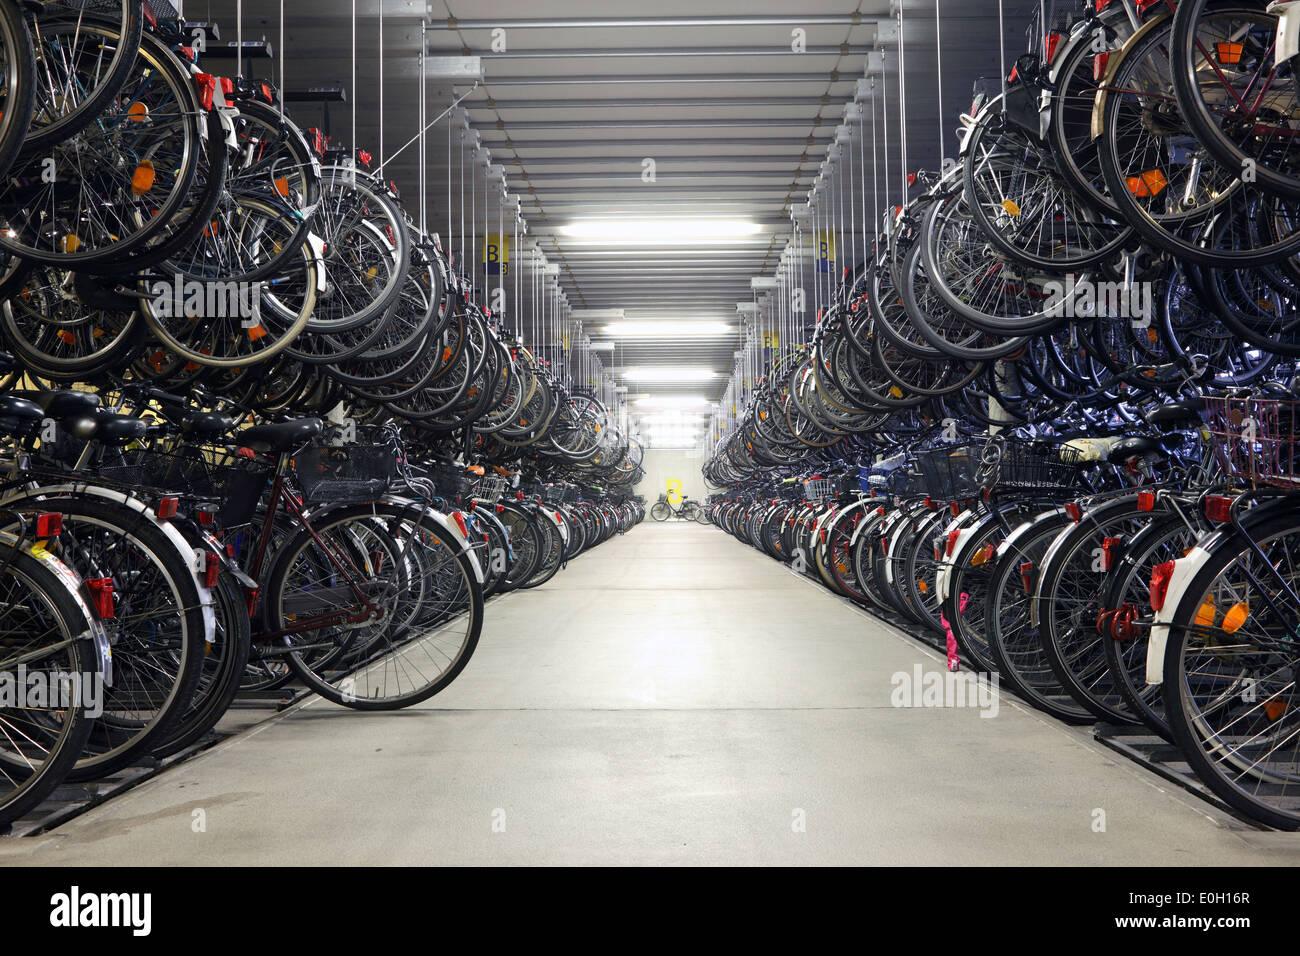 Bicycle garage in Munster. North Rhine-Westphalia, Germany - Stock Image